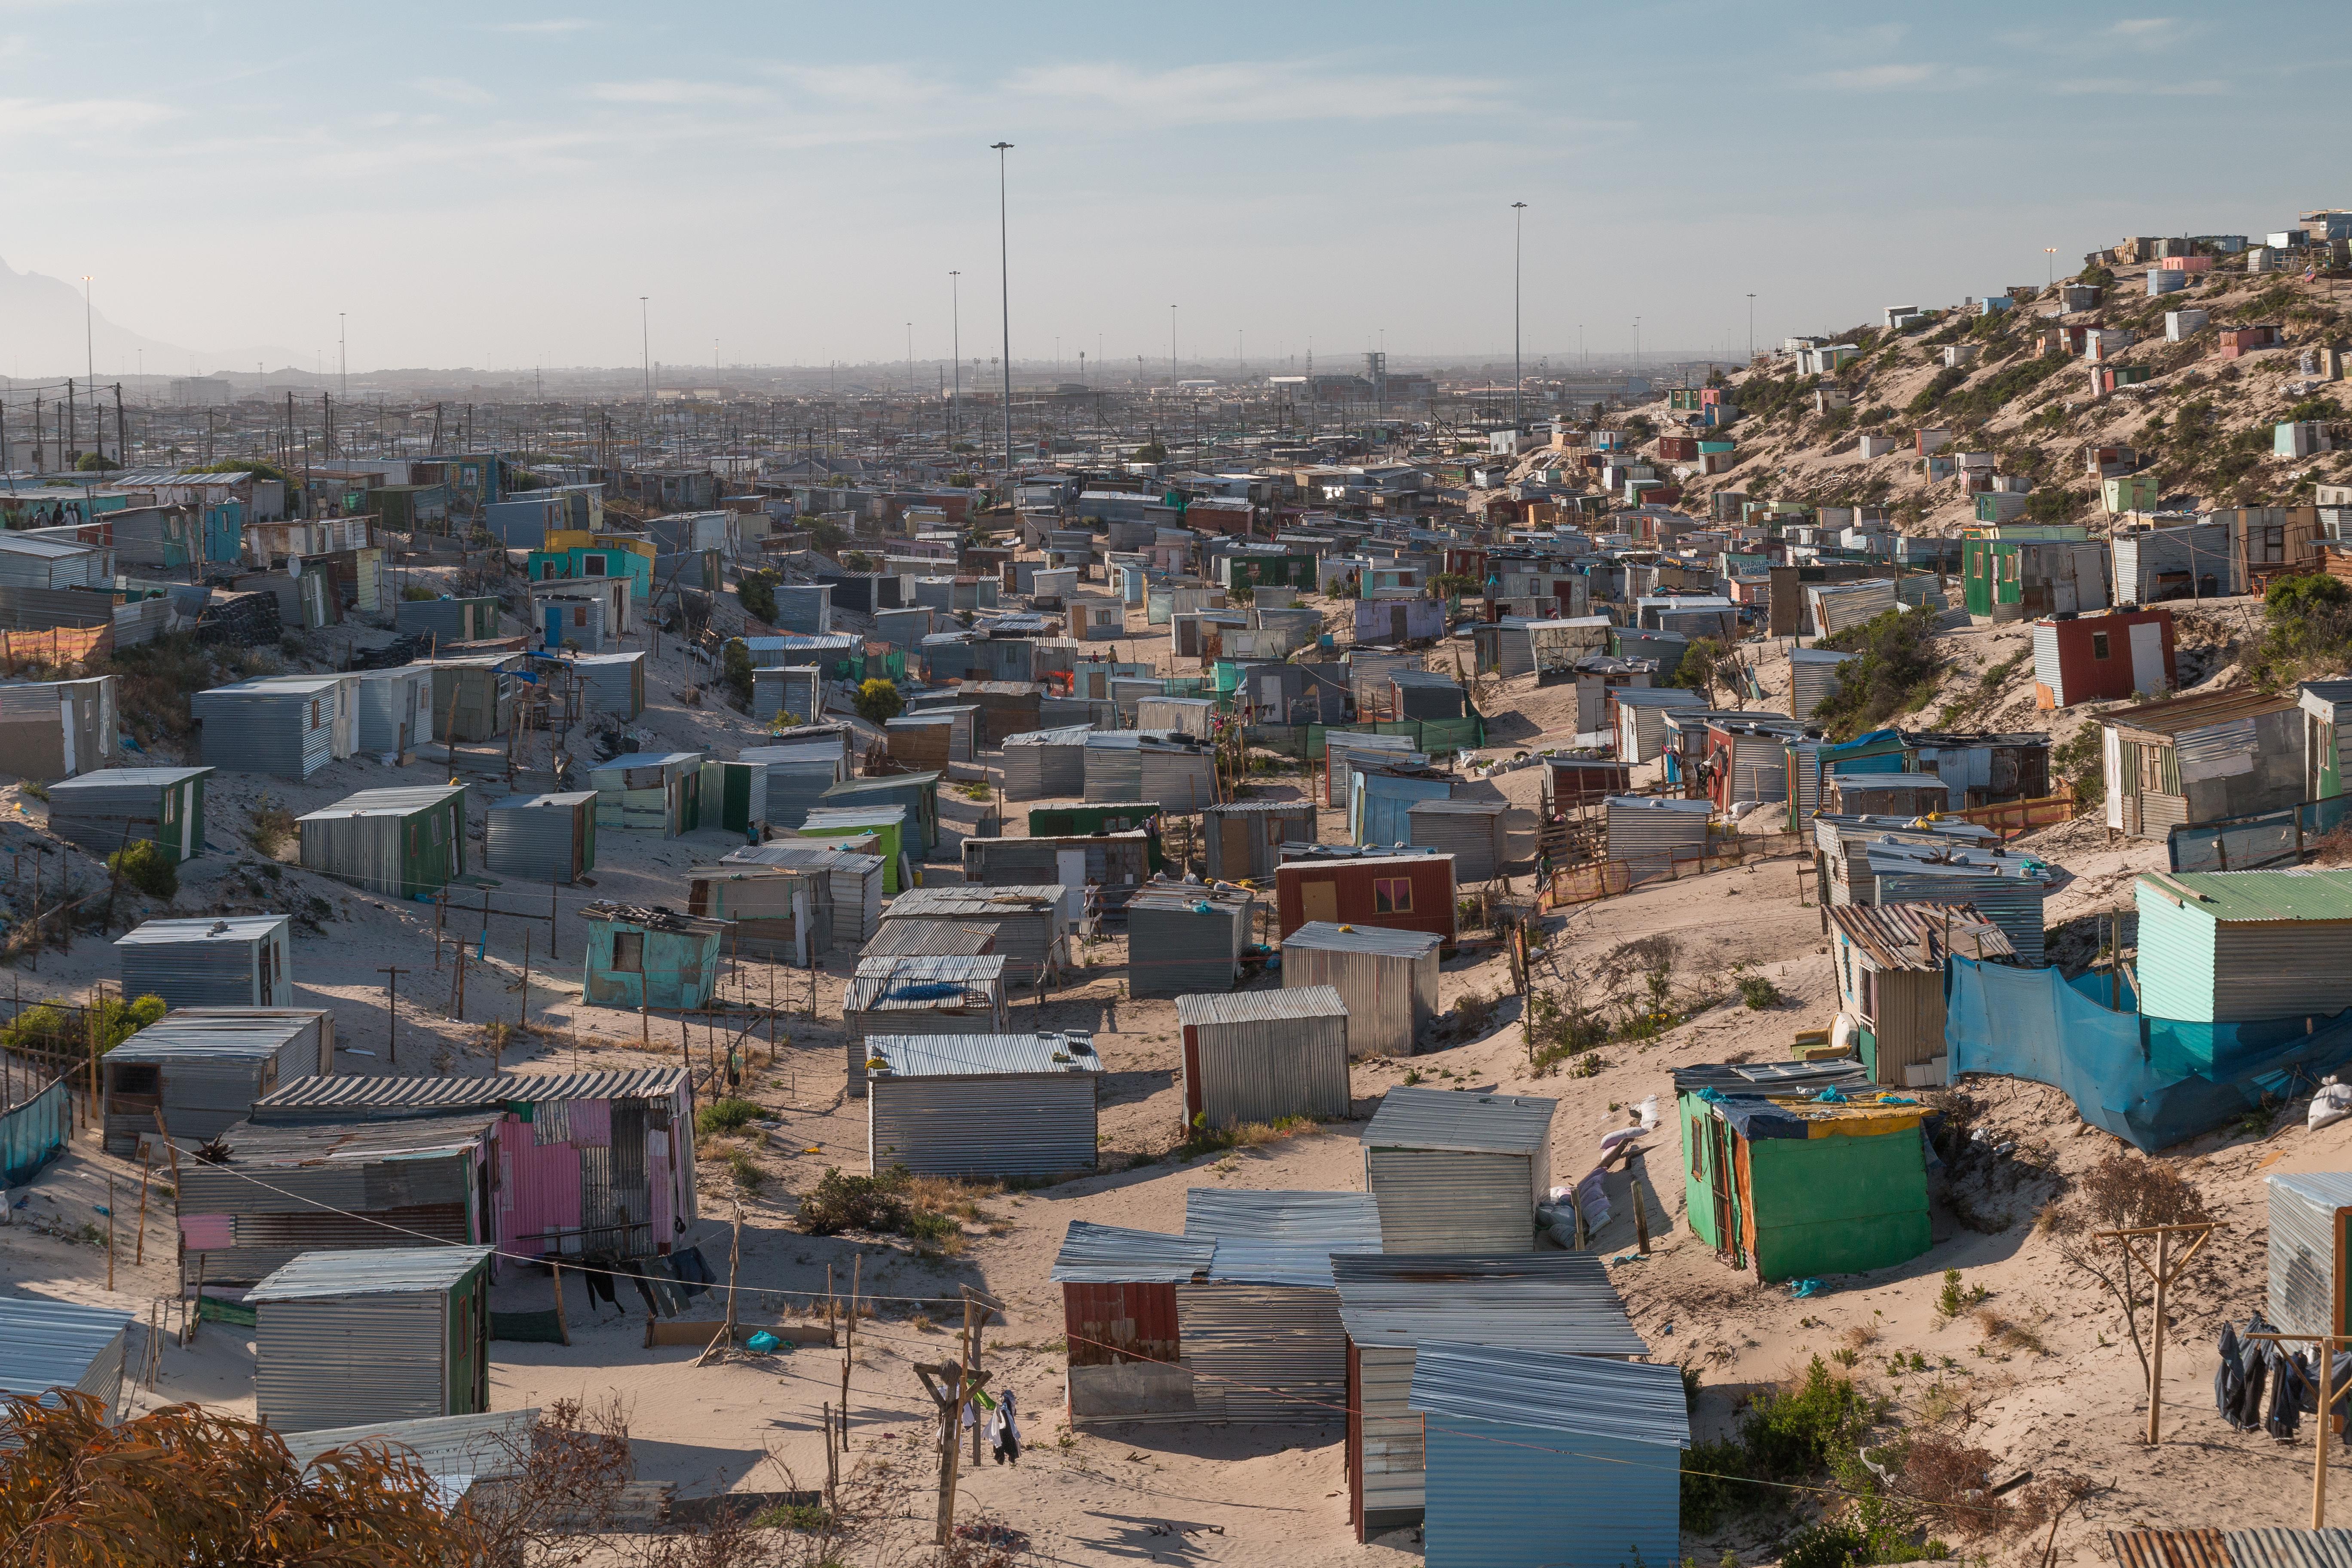 Slum, South Africa